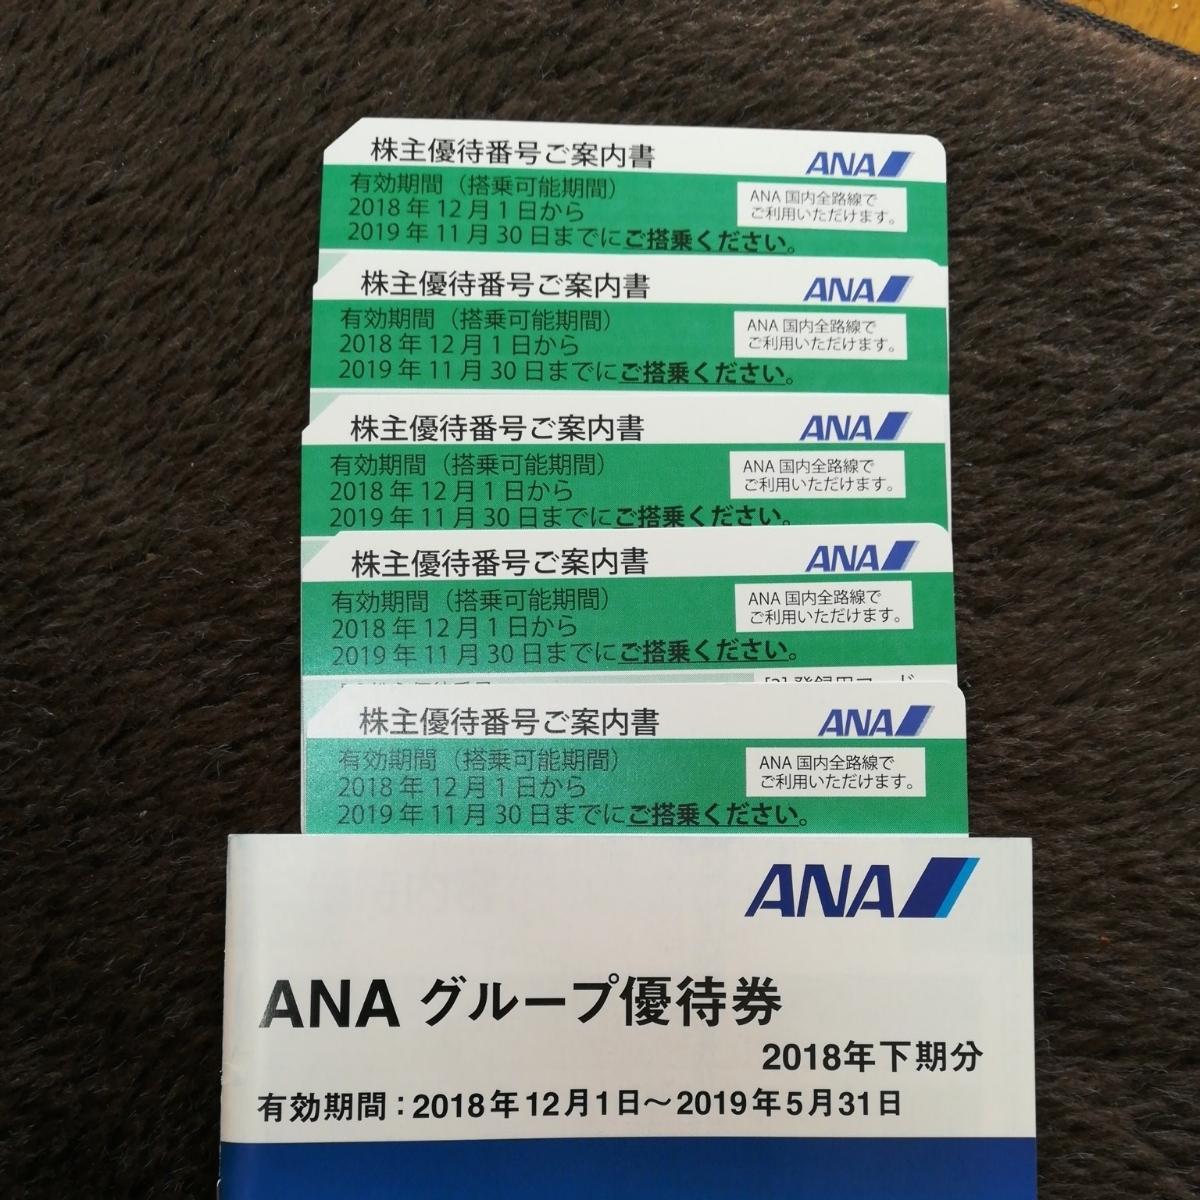 ANA 全日空株主優待券 5枚セット+ANAグループ優待券冊子1付 2019年11月30日期限